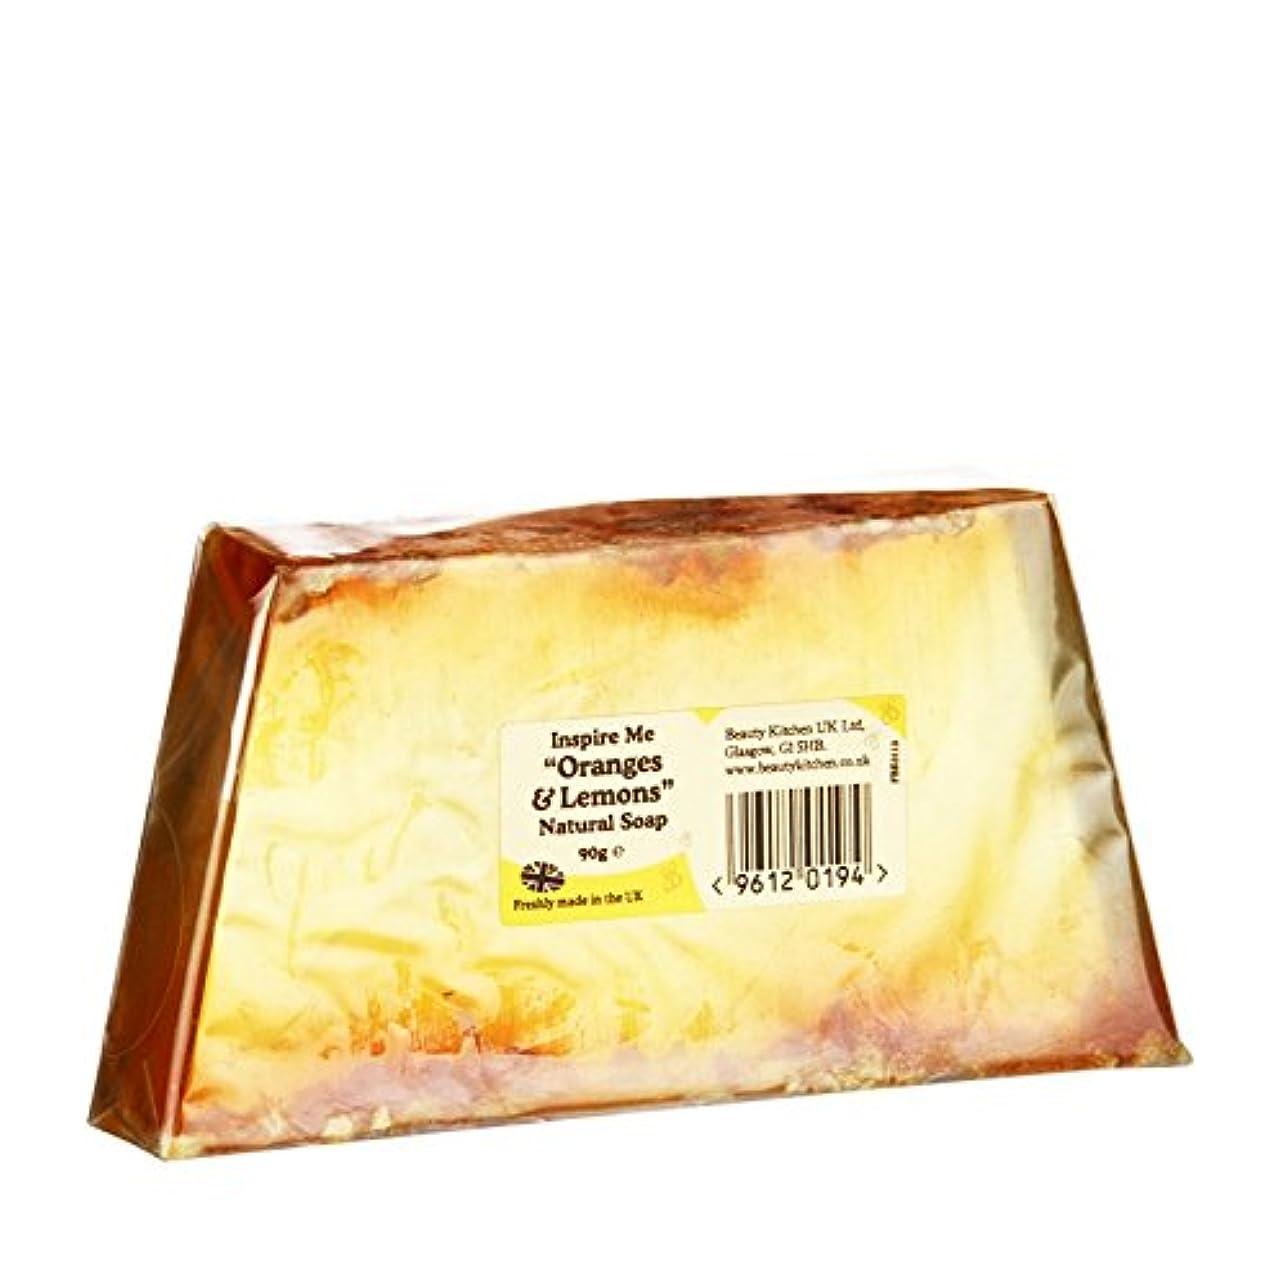 なる音節物理学者美しさのキッチンは私がオレンジ&レモンの天然石鹸90グラム鼓舞します - Beauty Kitchen Inspire Me Orange & Lemon Natural Soap 90g (Beauty Kitchen...